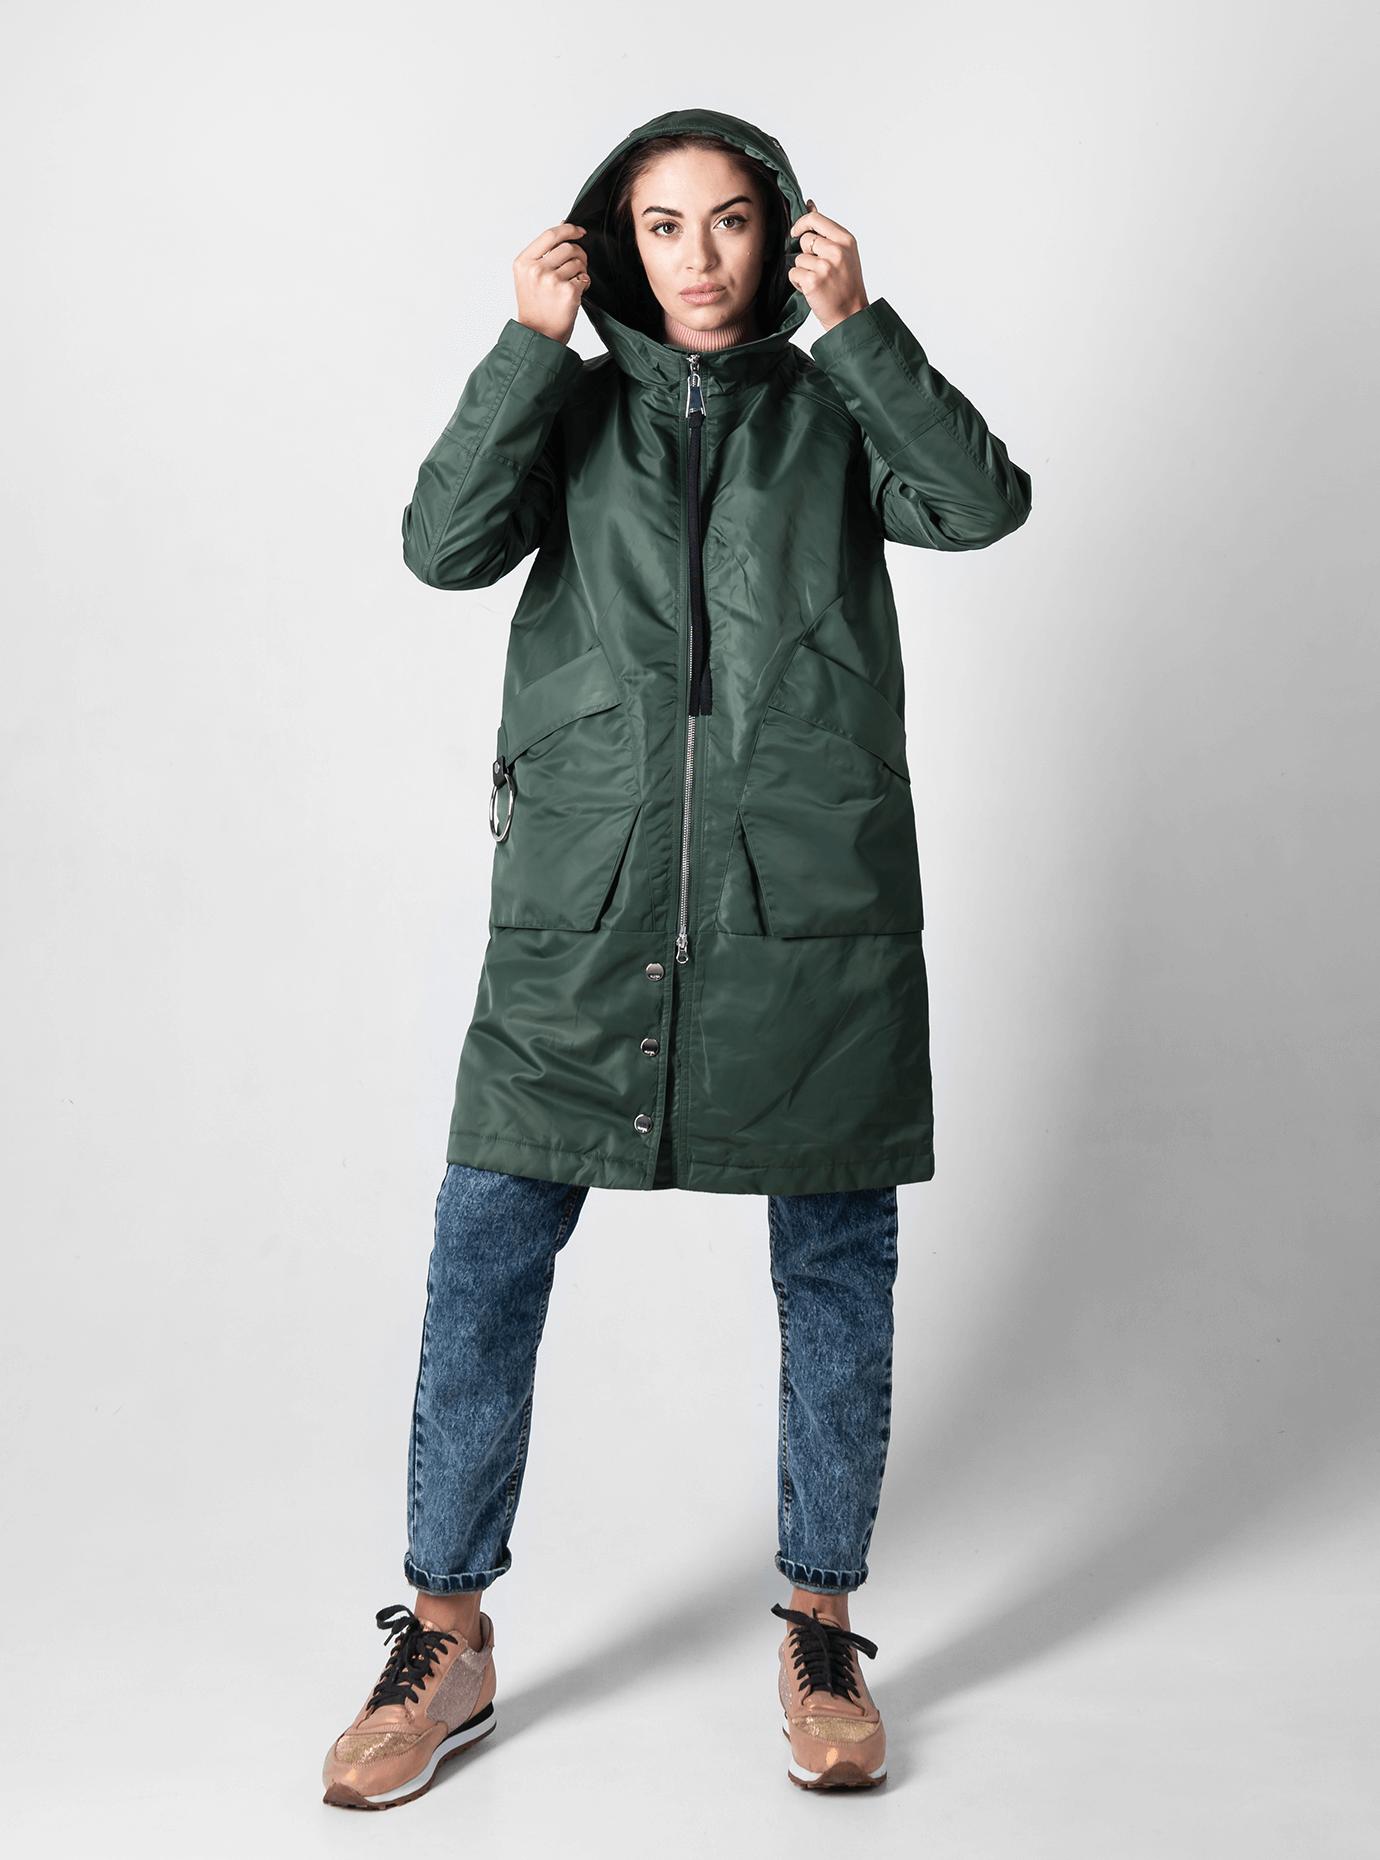 Куртка женская демисезонная с капюшоном Тёмно-зелёный L (02-D190178): фото - Alster.ua